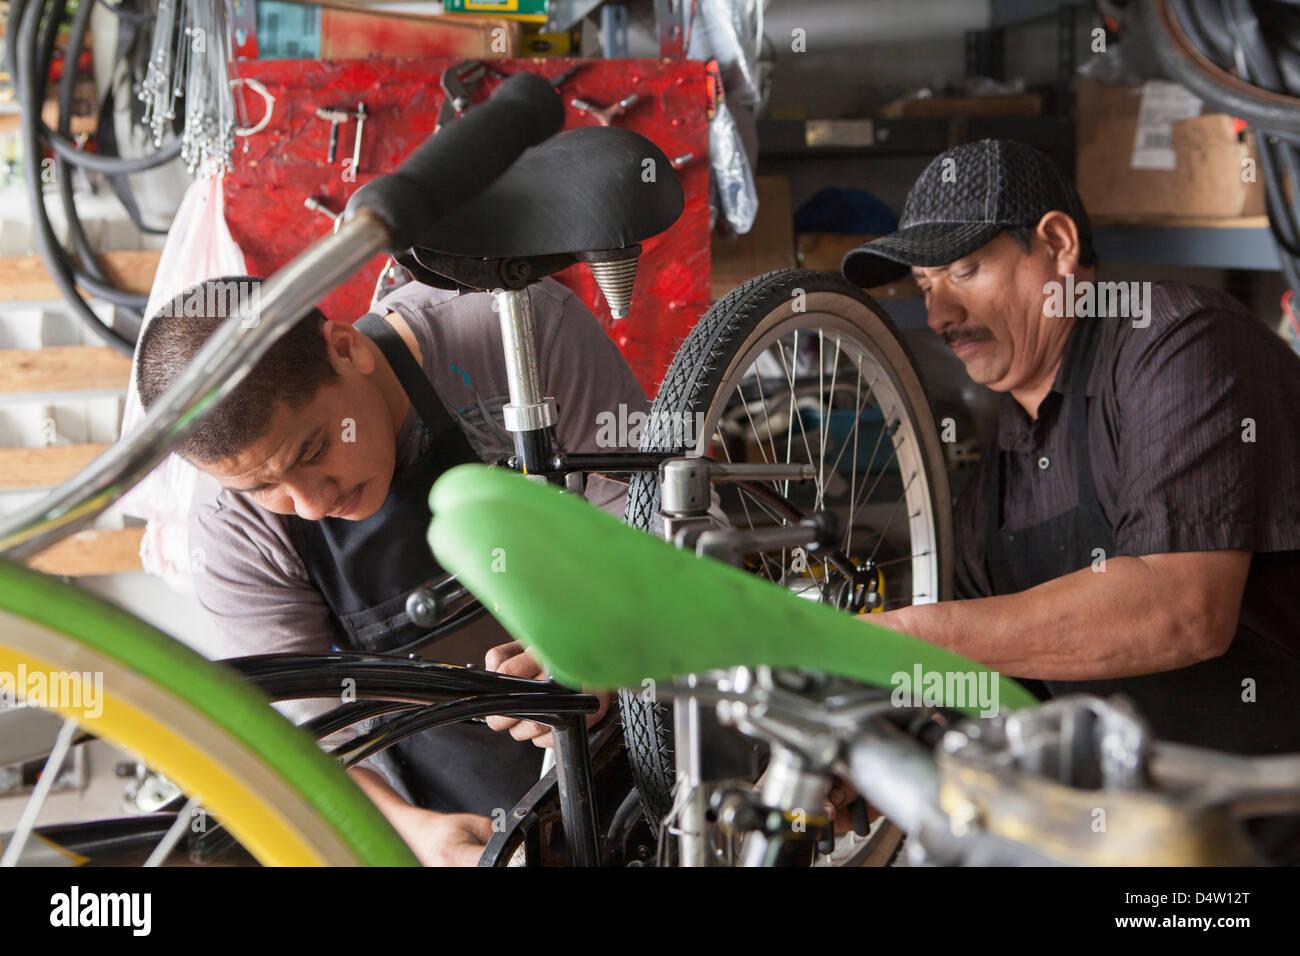 Meccanica a lavorare nel negozio di biciclette Immagini Stock